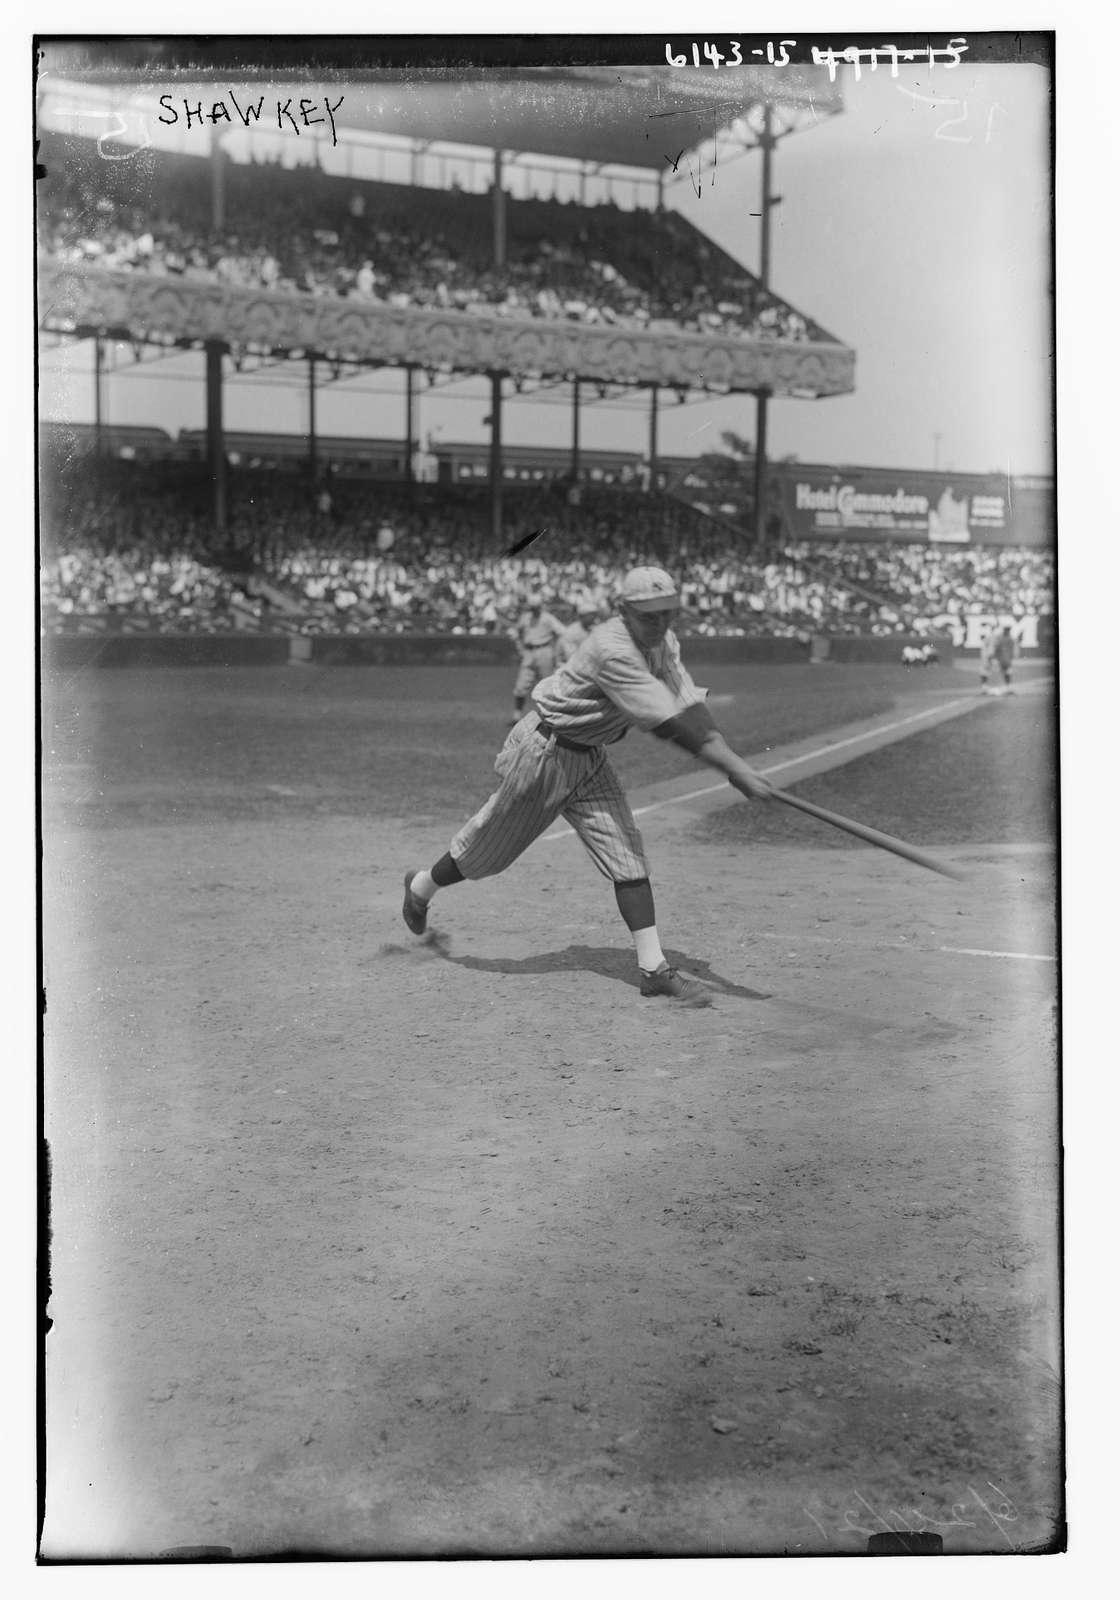 Bob Shawkey, New York AL (baseball)